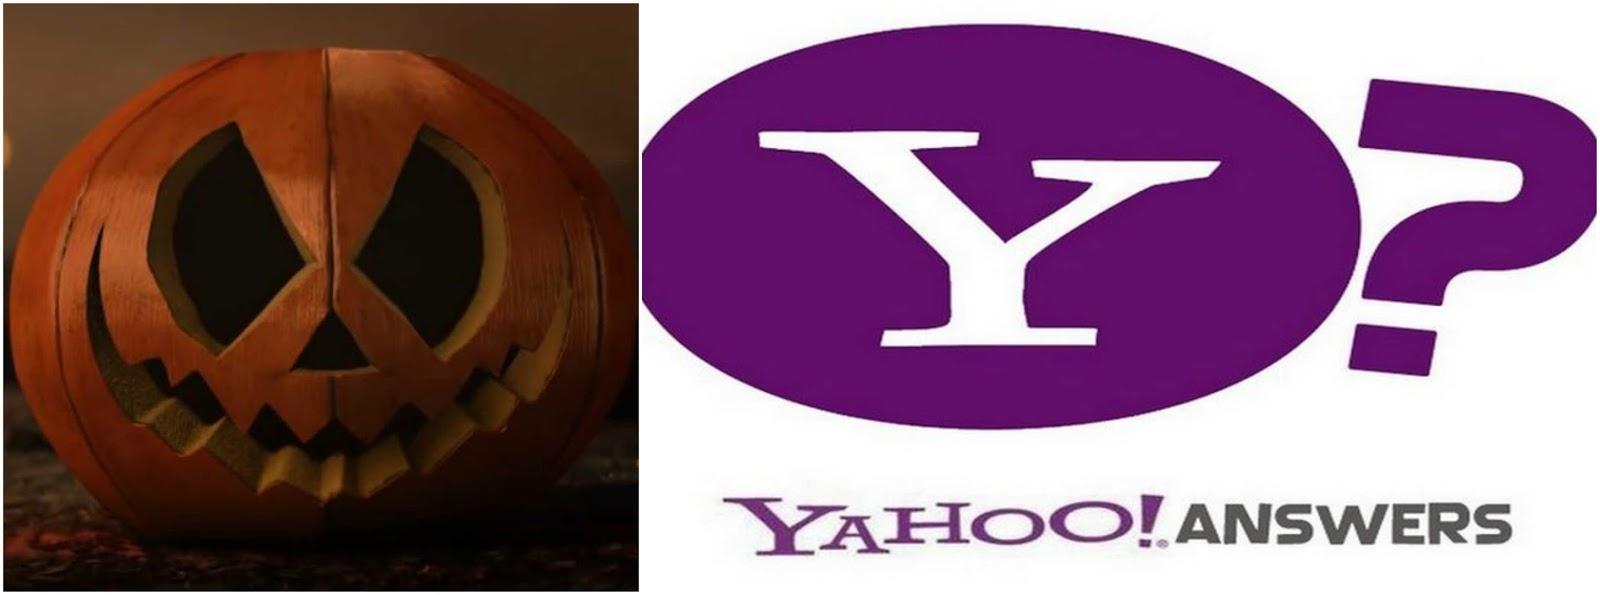 migliori incontri sito Web Yahoo risposte